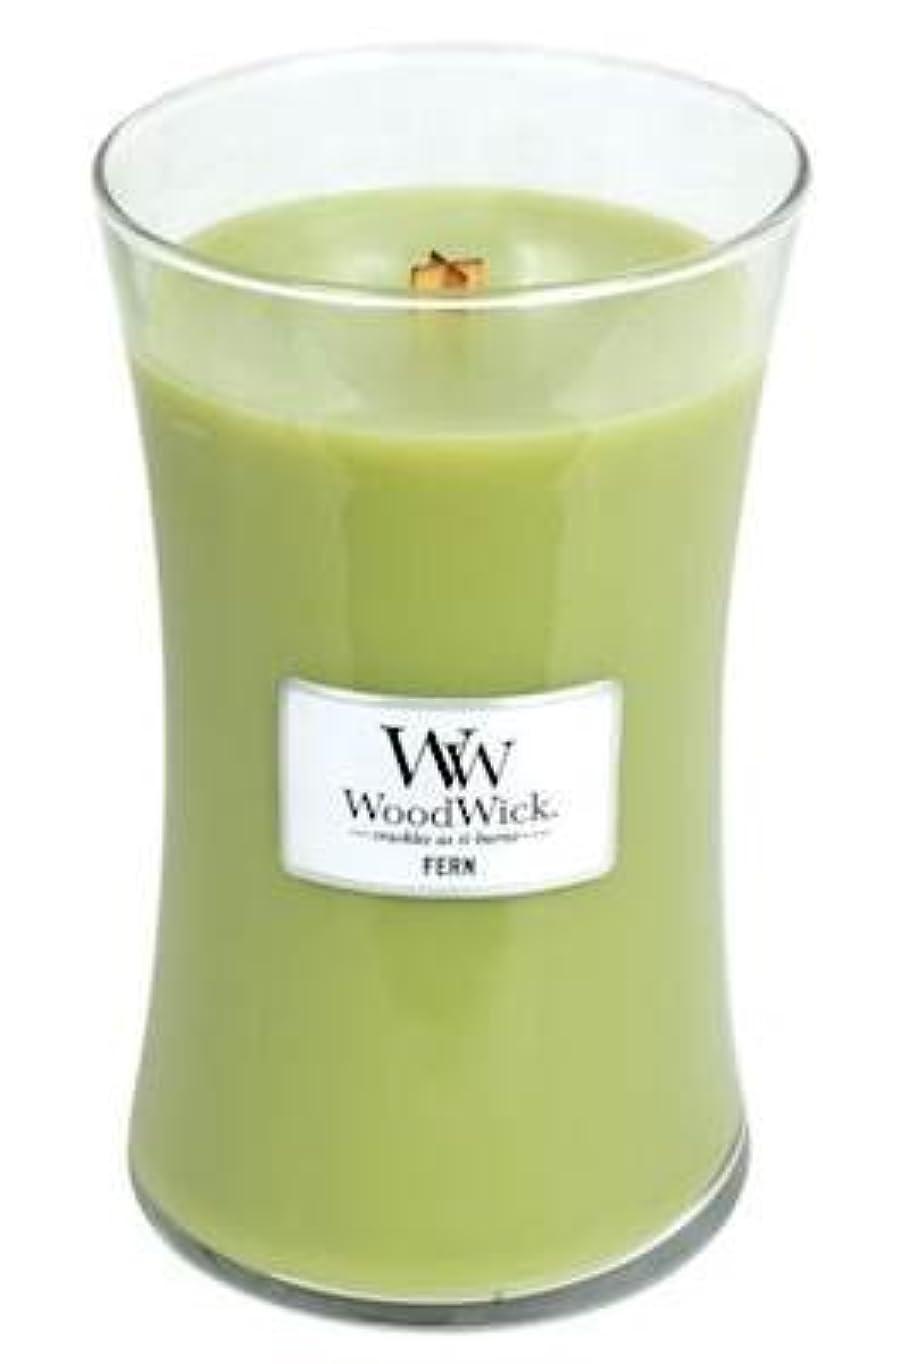 キャベツタール注目すべきFern WoodWick 22 oz Large砂時計Jar Candle Burns 180時間